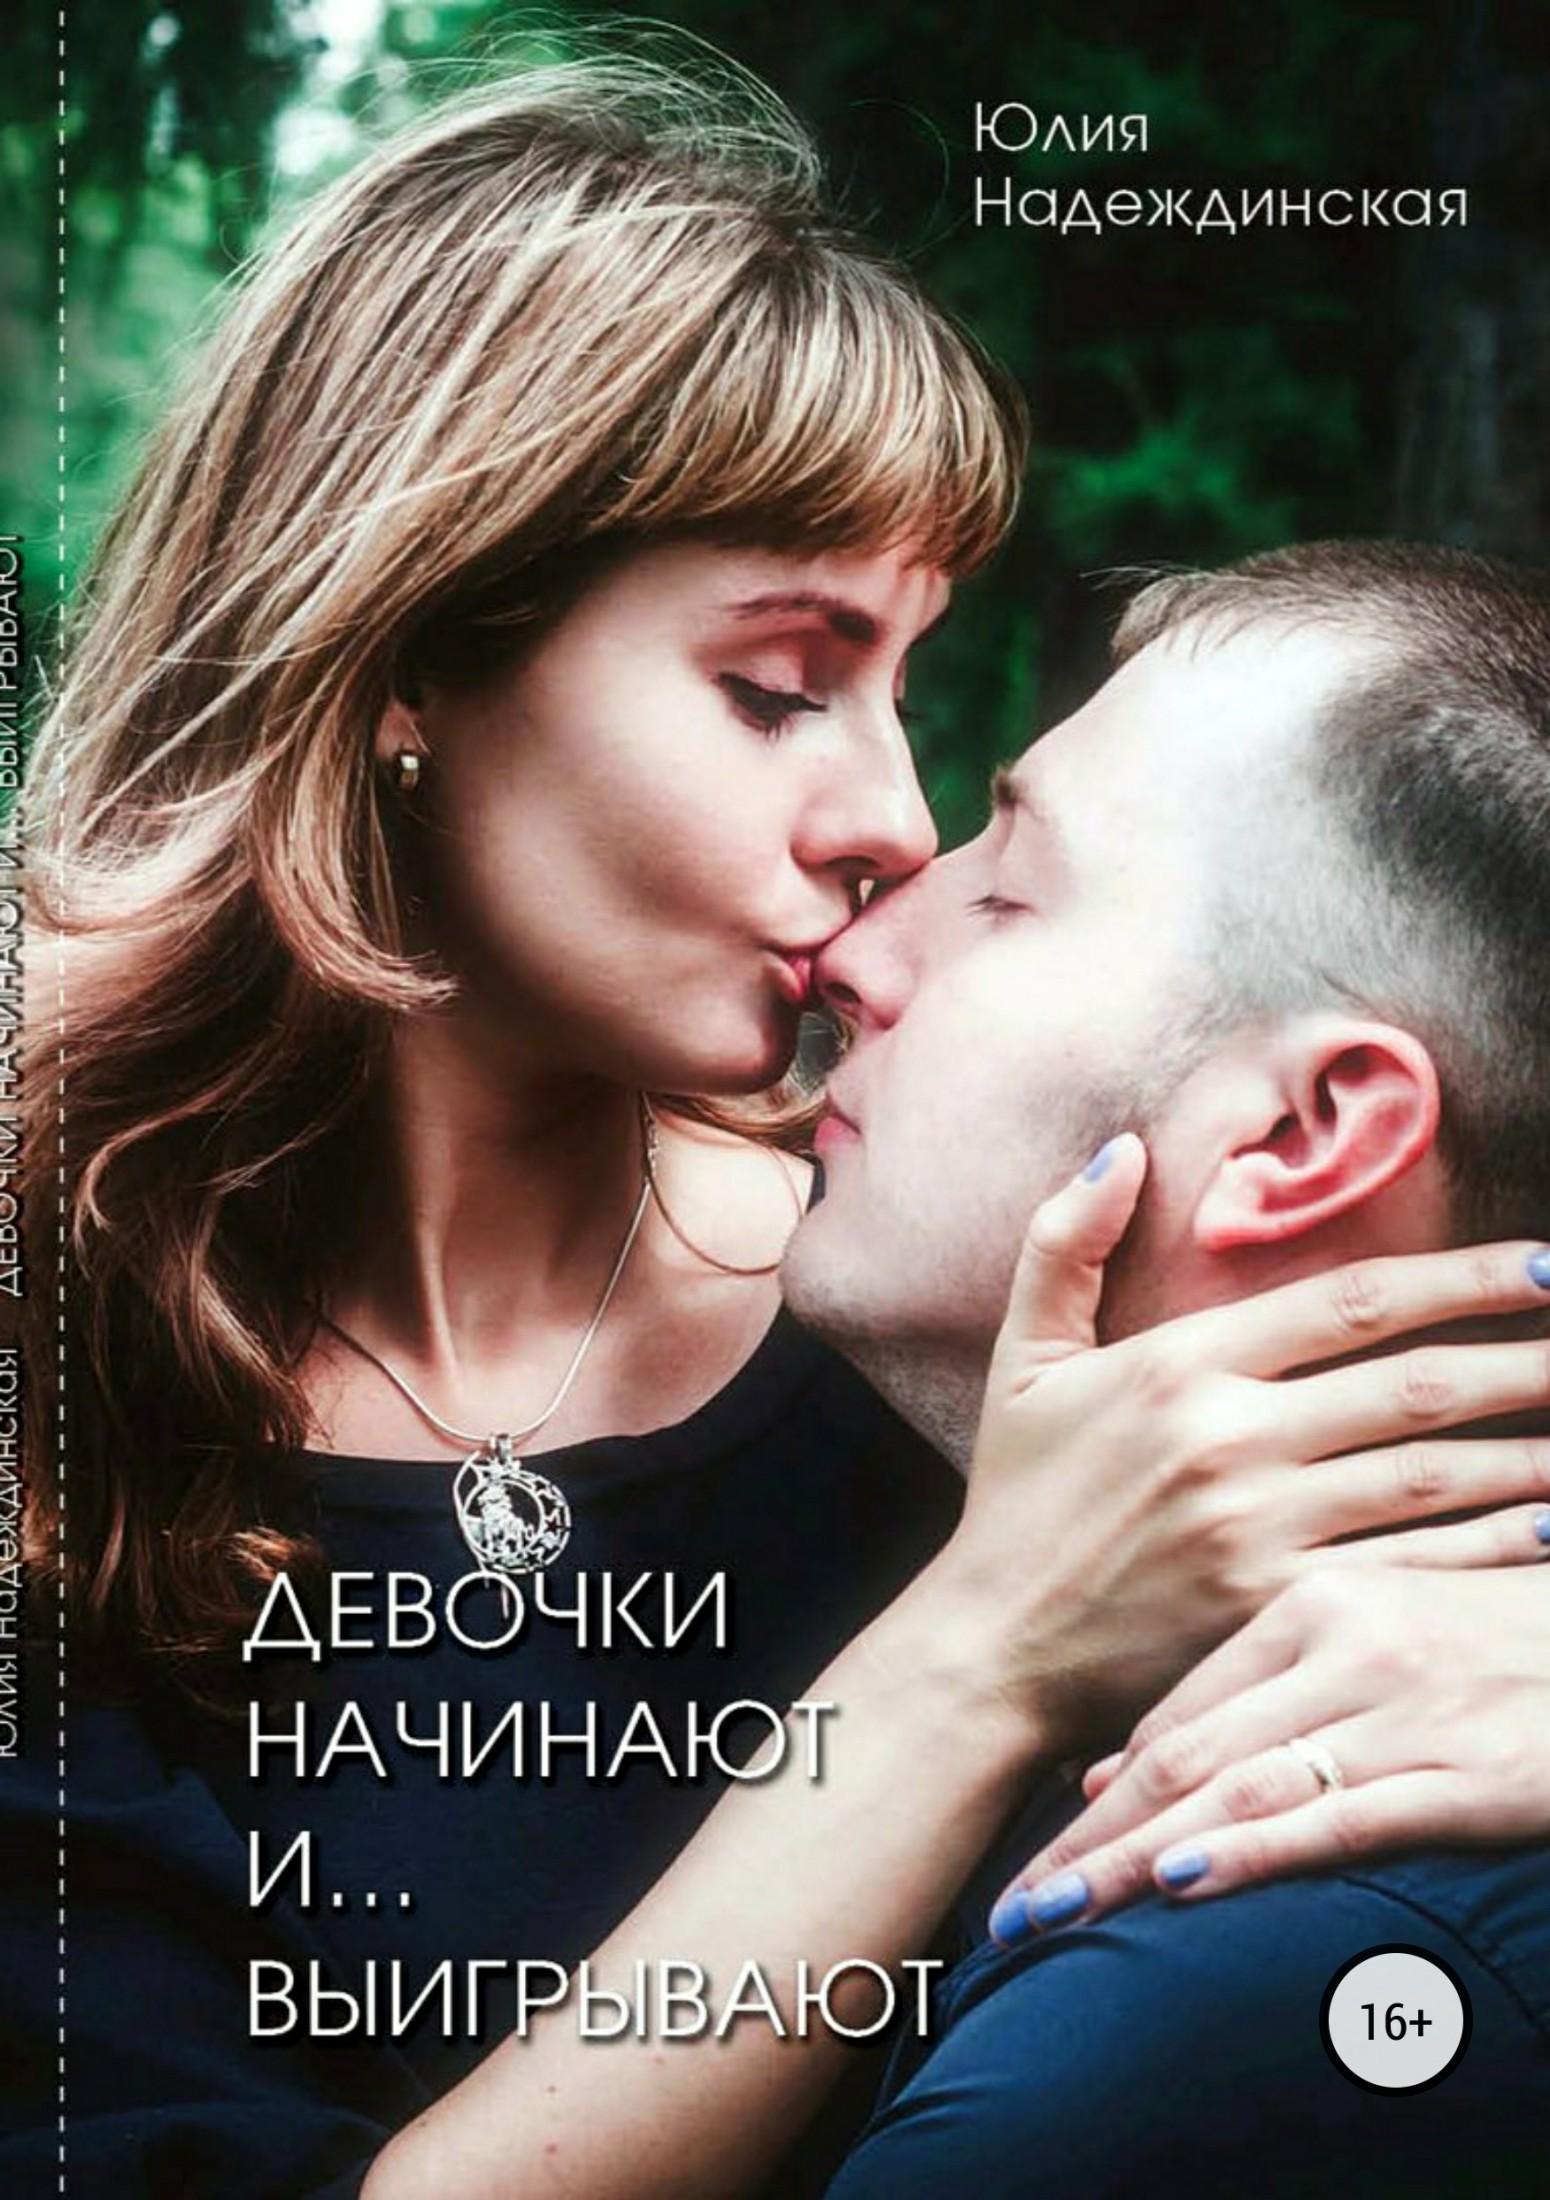 Юлия Надеждинская - Девочки начинают и выигрывают